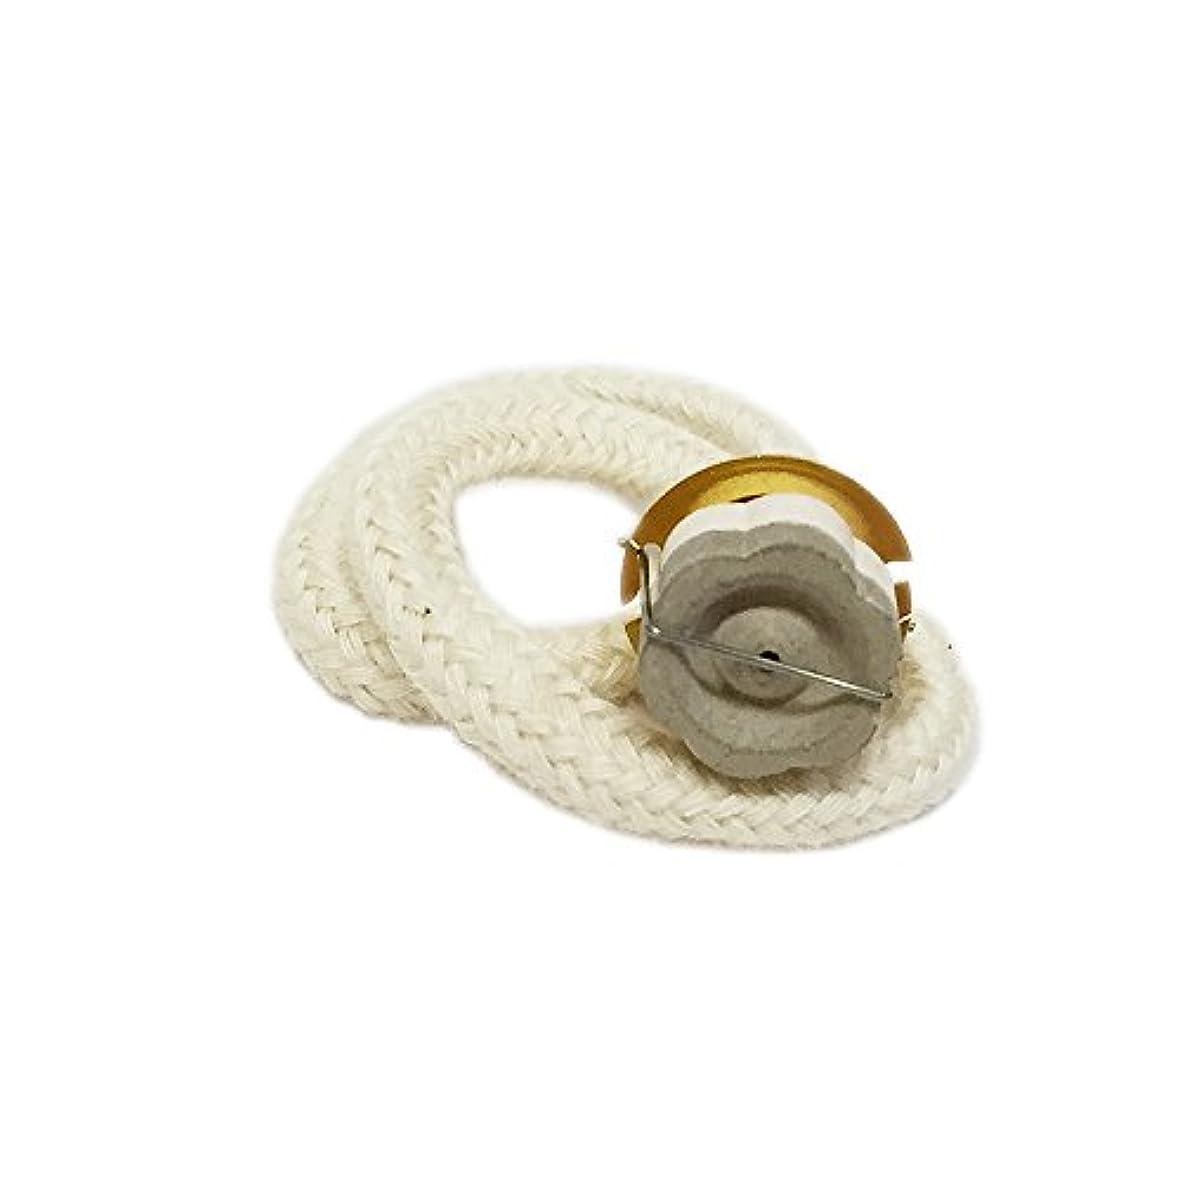 刺繍復讐暫定のミニランプ用 交換バーナー (ゴールド) セラミック芯